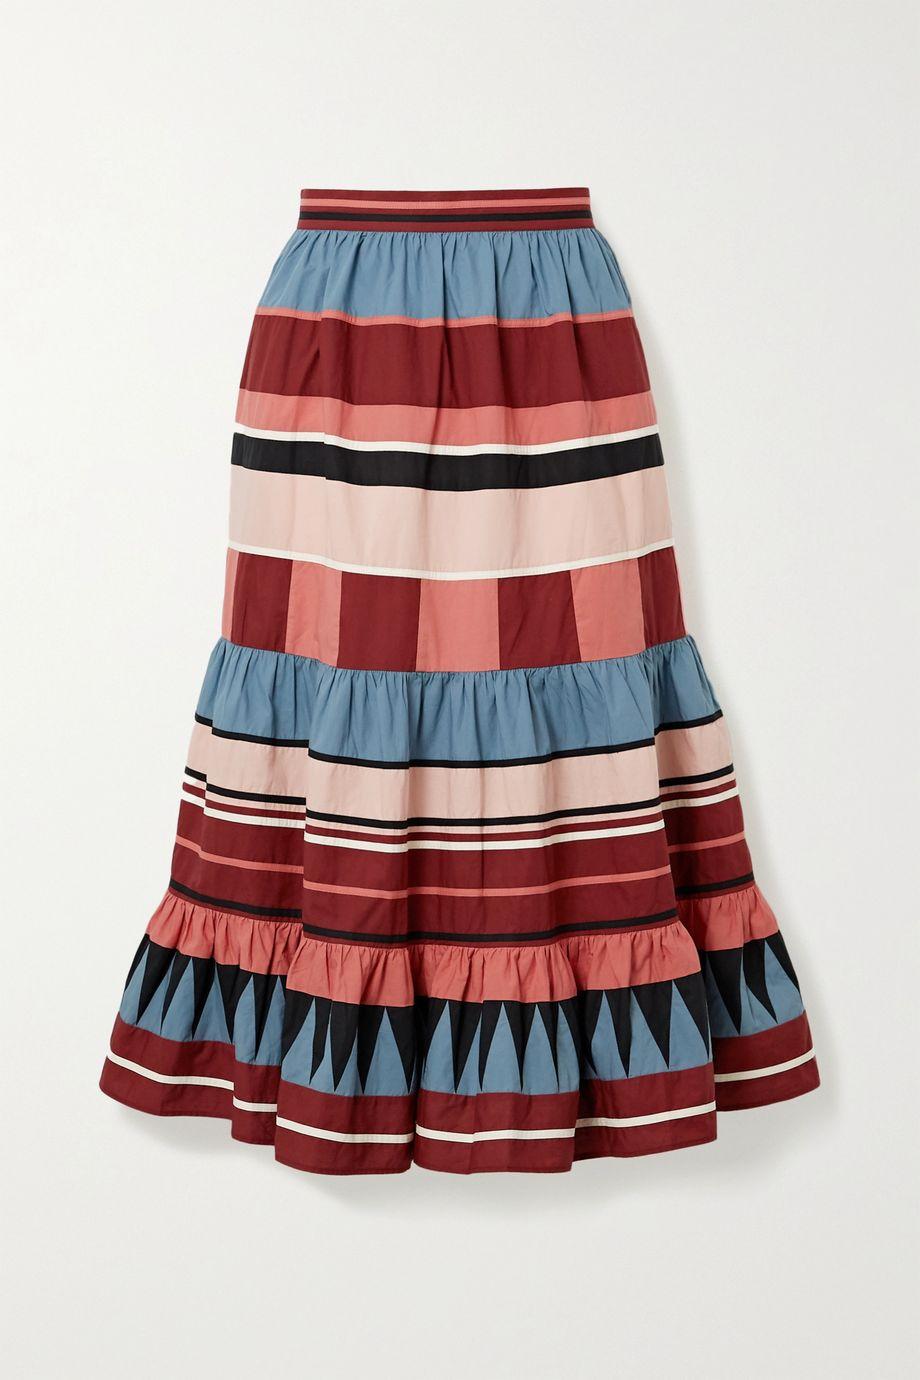 울라 존슨 시미 티어드 미디 스커트 Ulla Johnson Simi tiered striped cotton-poplin midi skirt